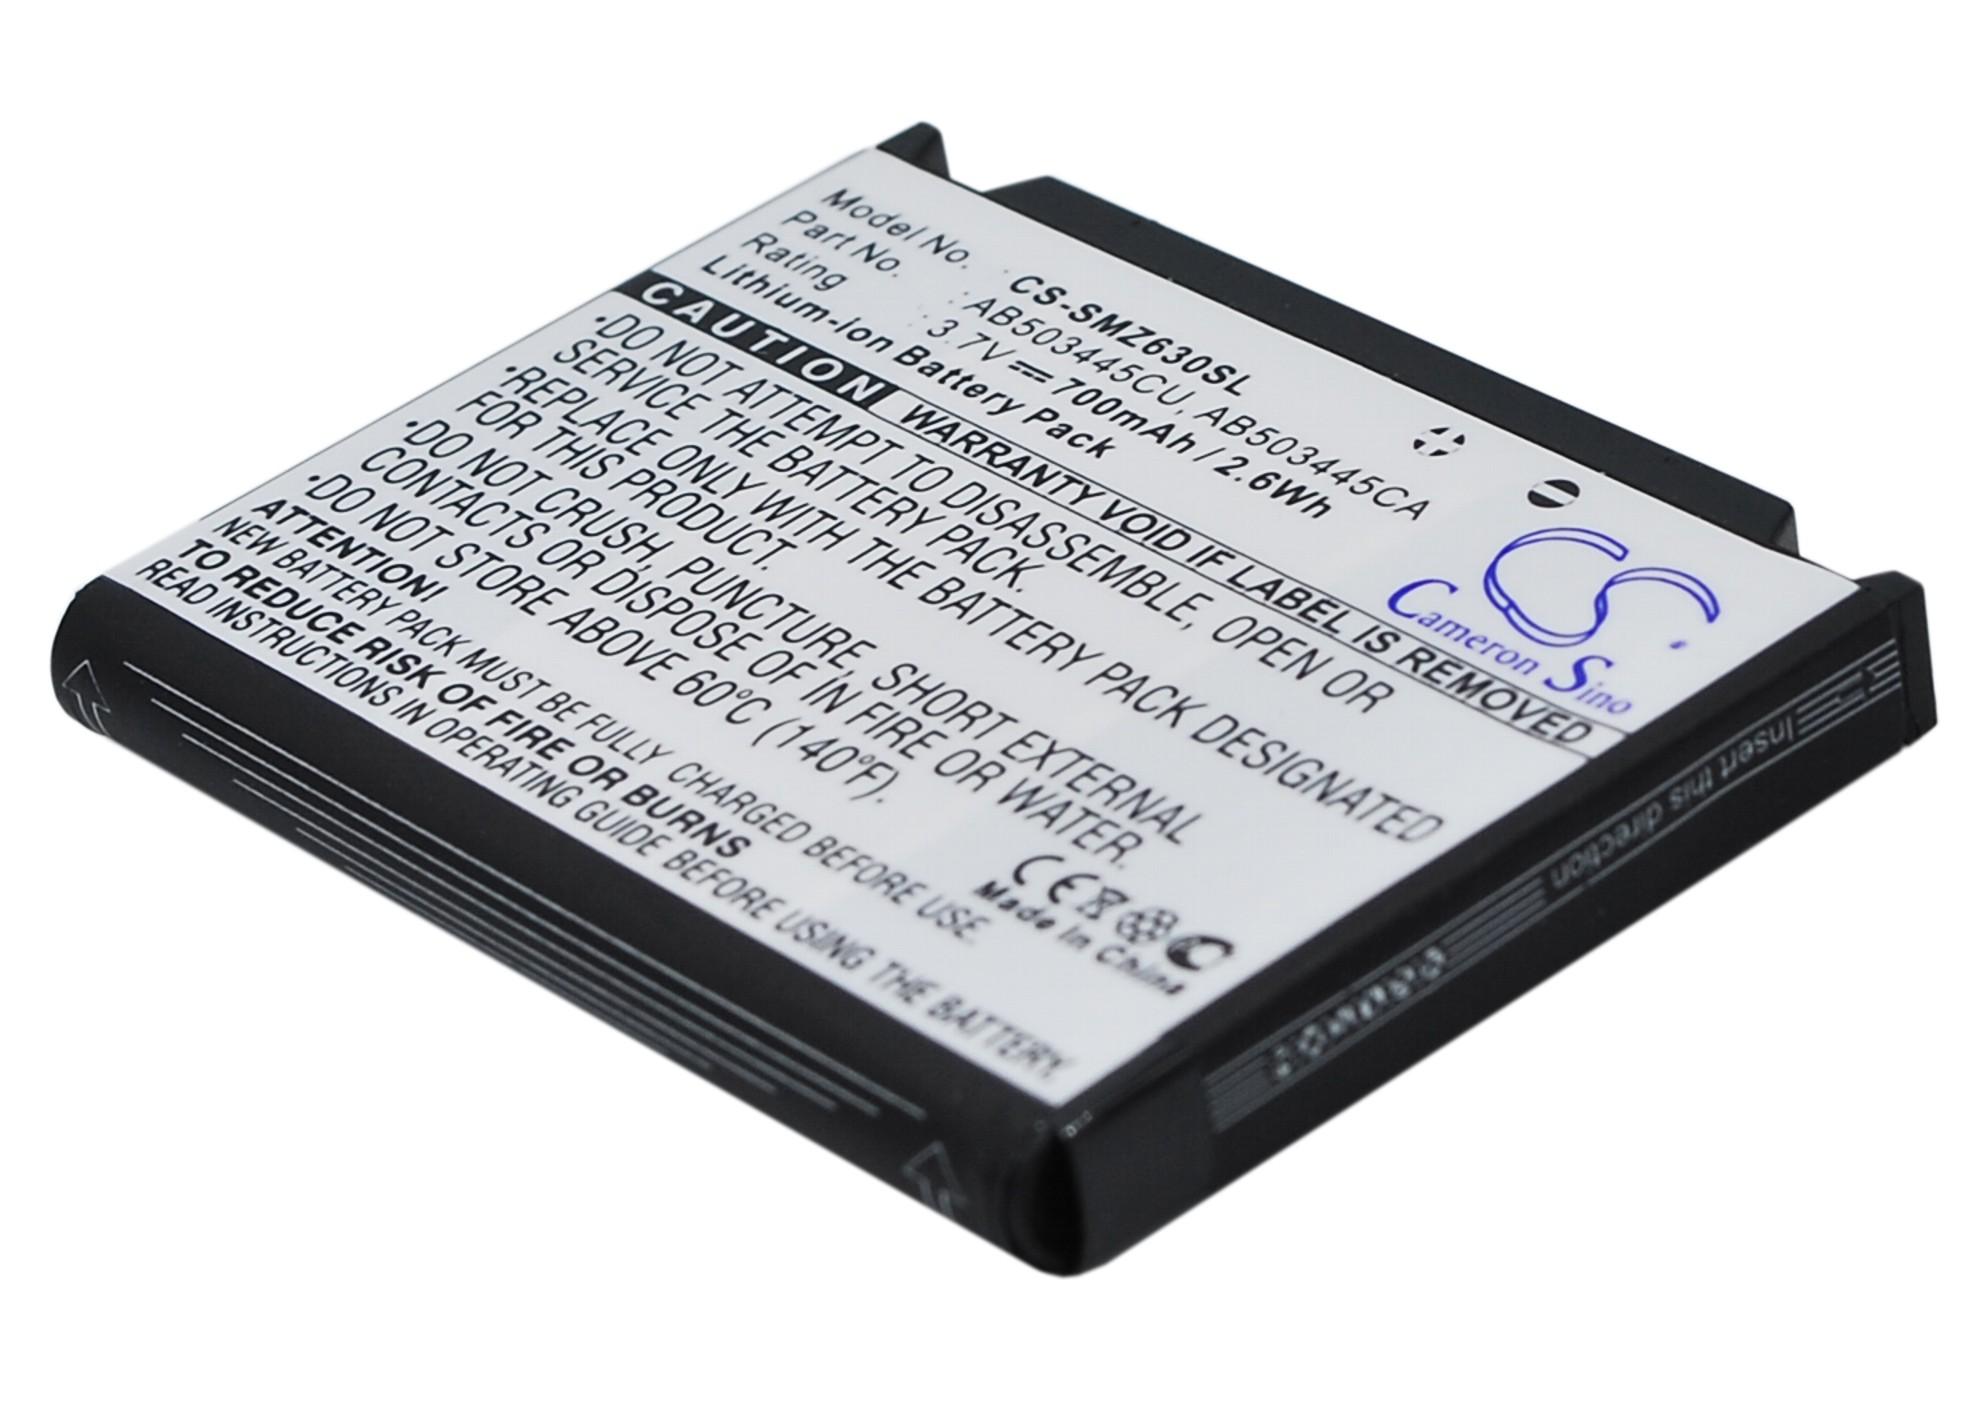 Cameron Sino baterie do mobilů pro SAMSUNG SGH-P520 Giorgio 3.7V Li-ion 700mAh černá - neoriginální